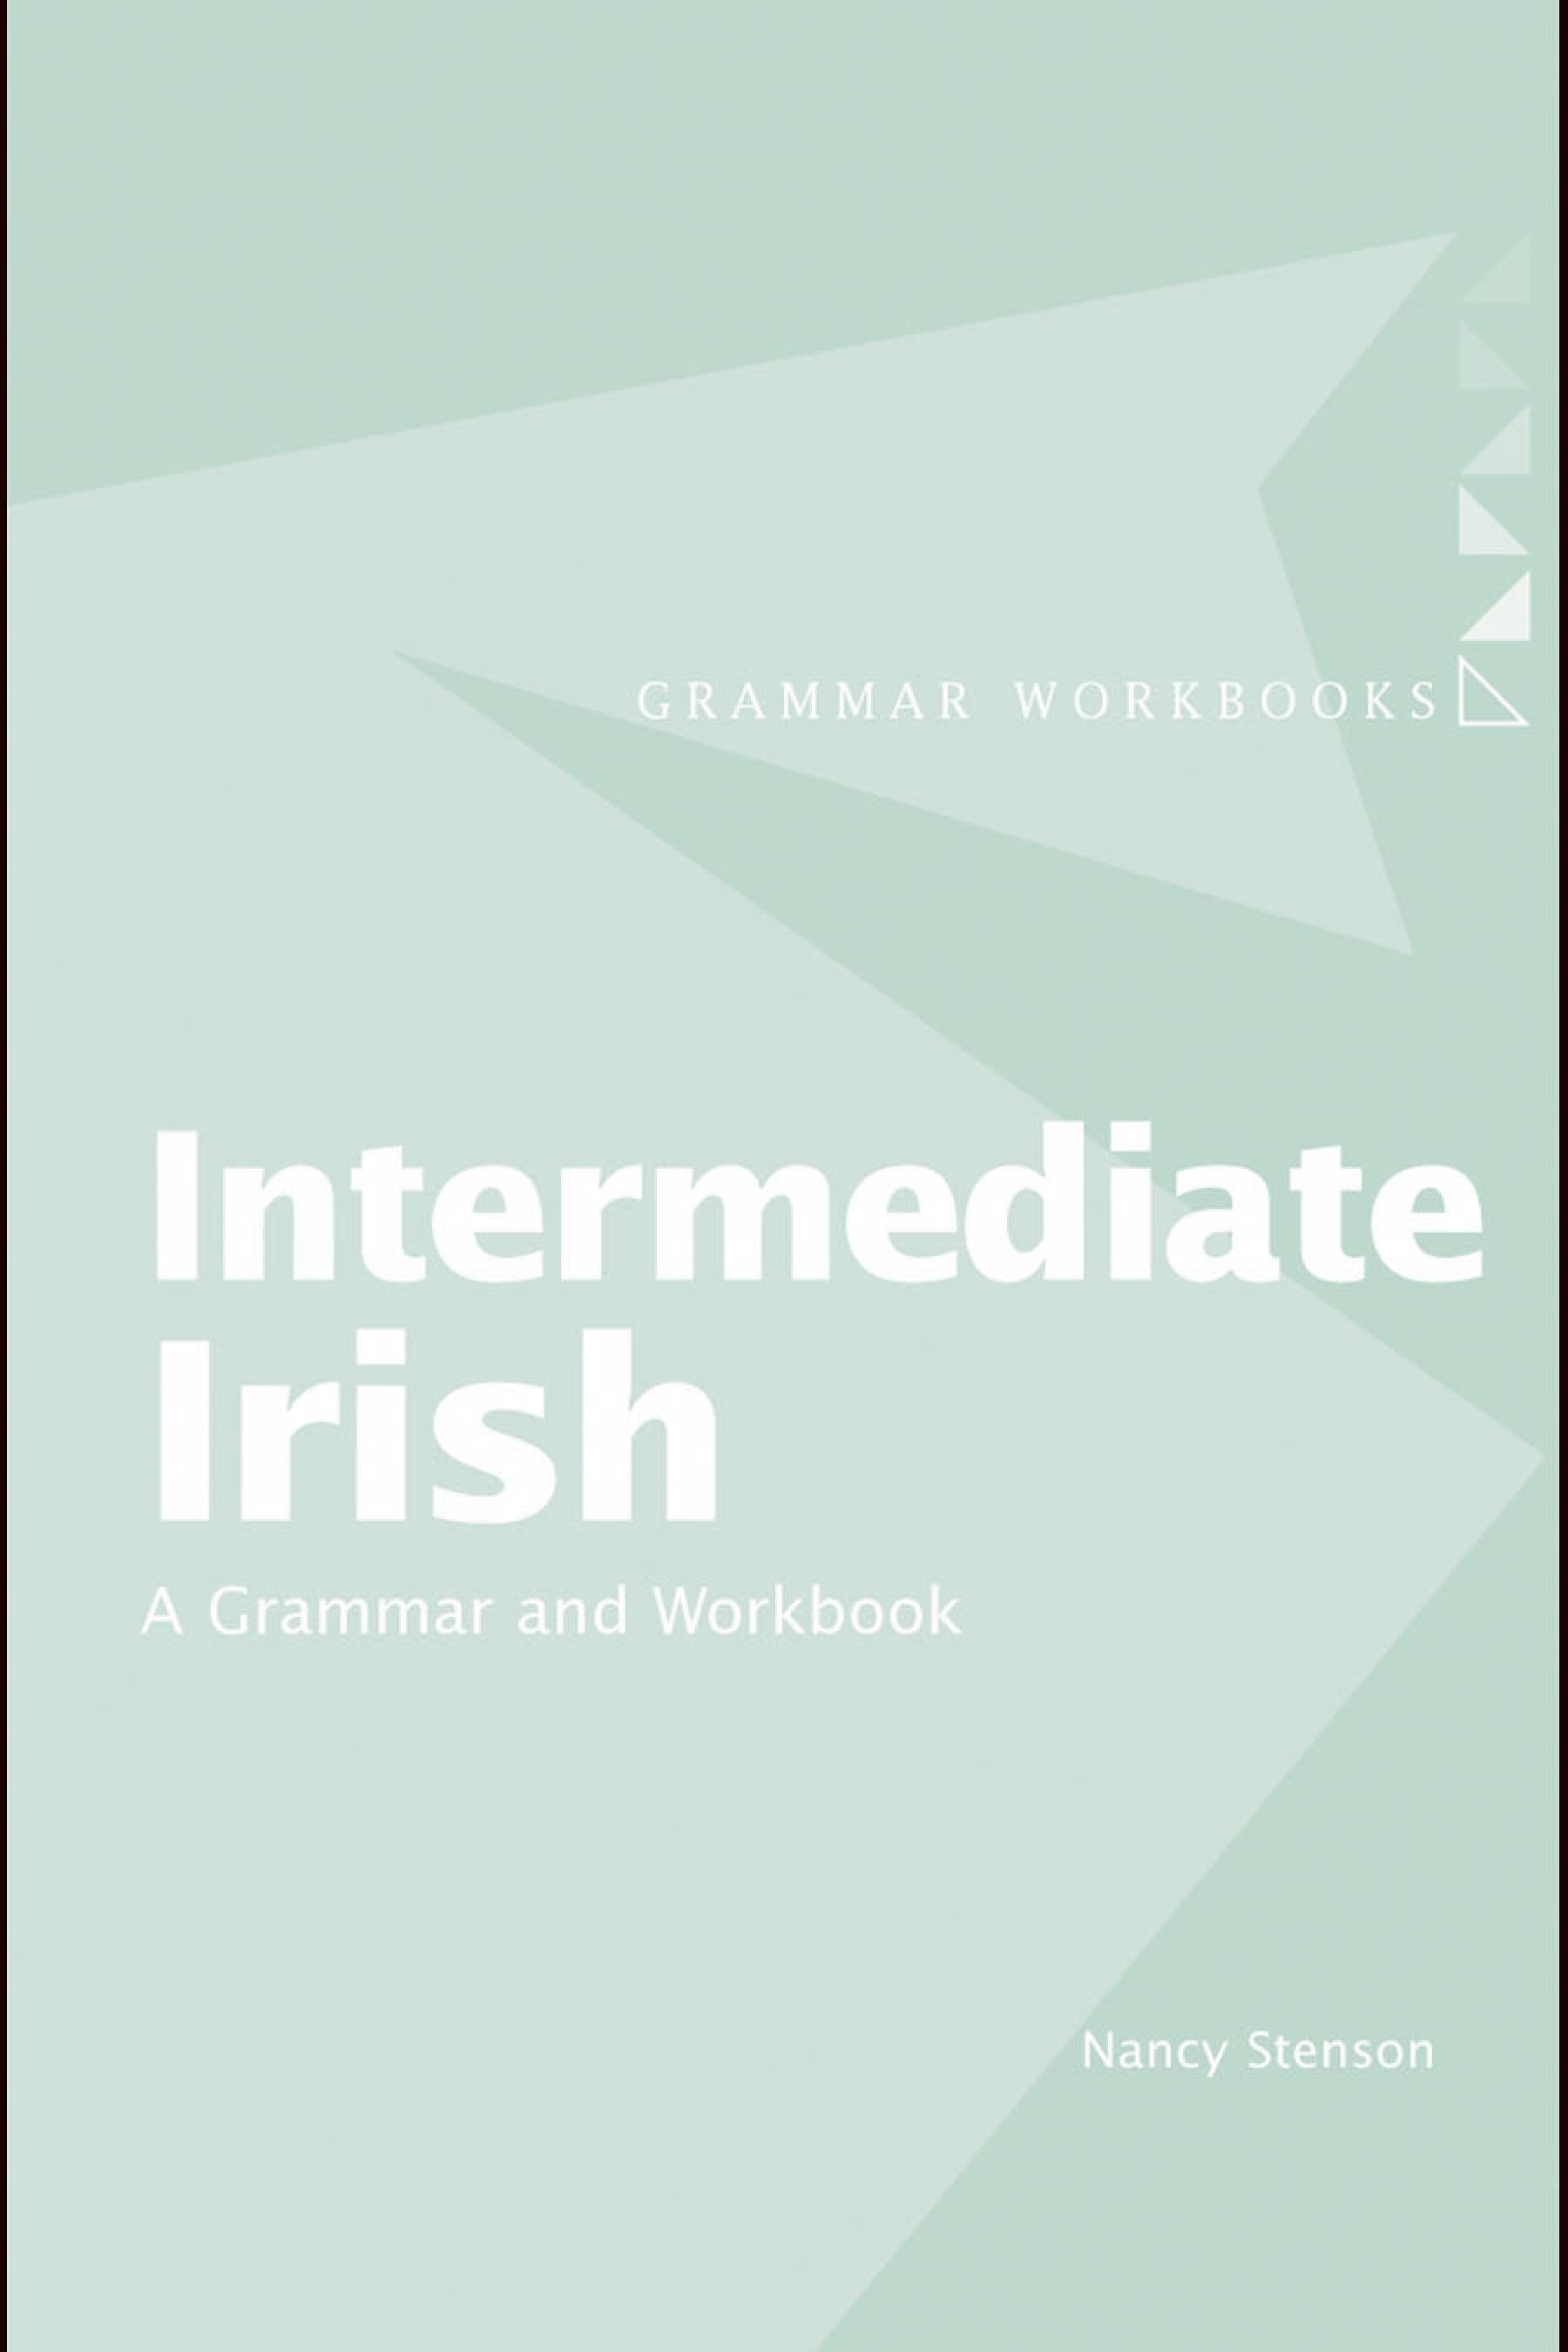 Intermediate Irish: A Grammar and Workbook EB9780203927090